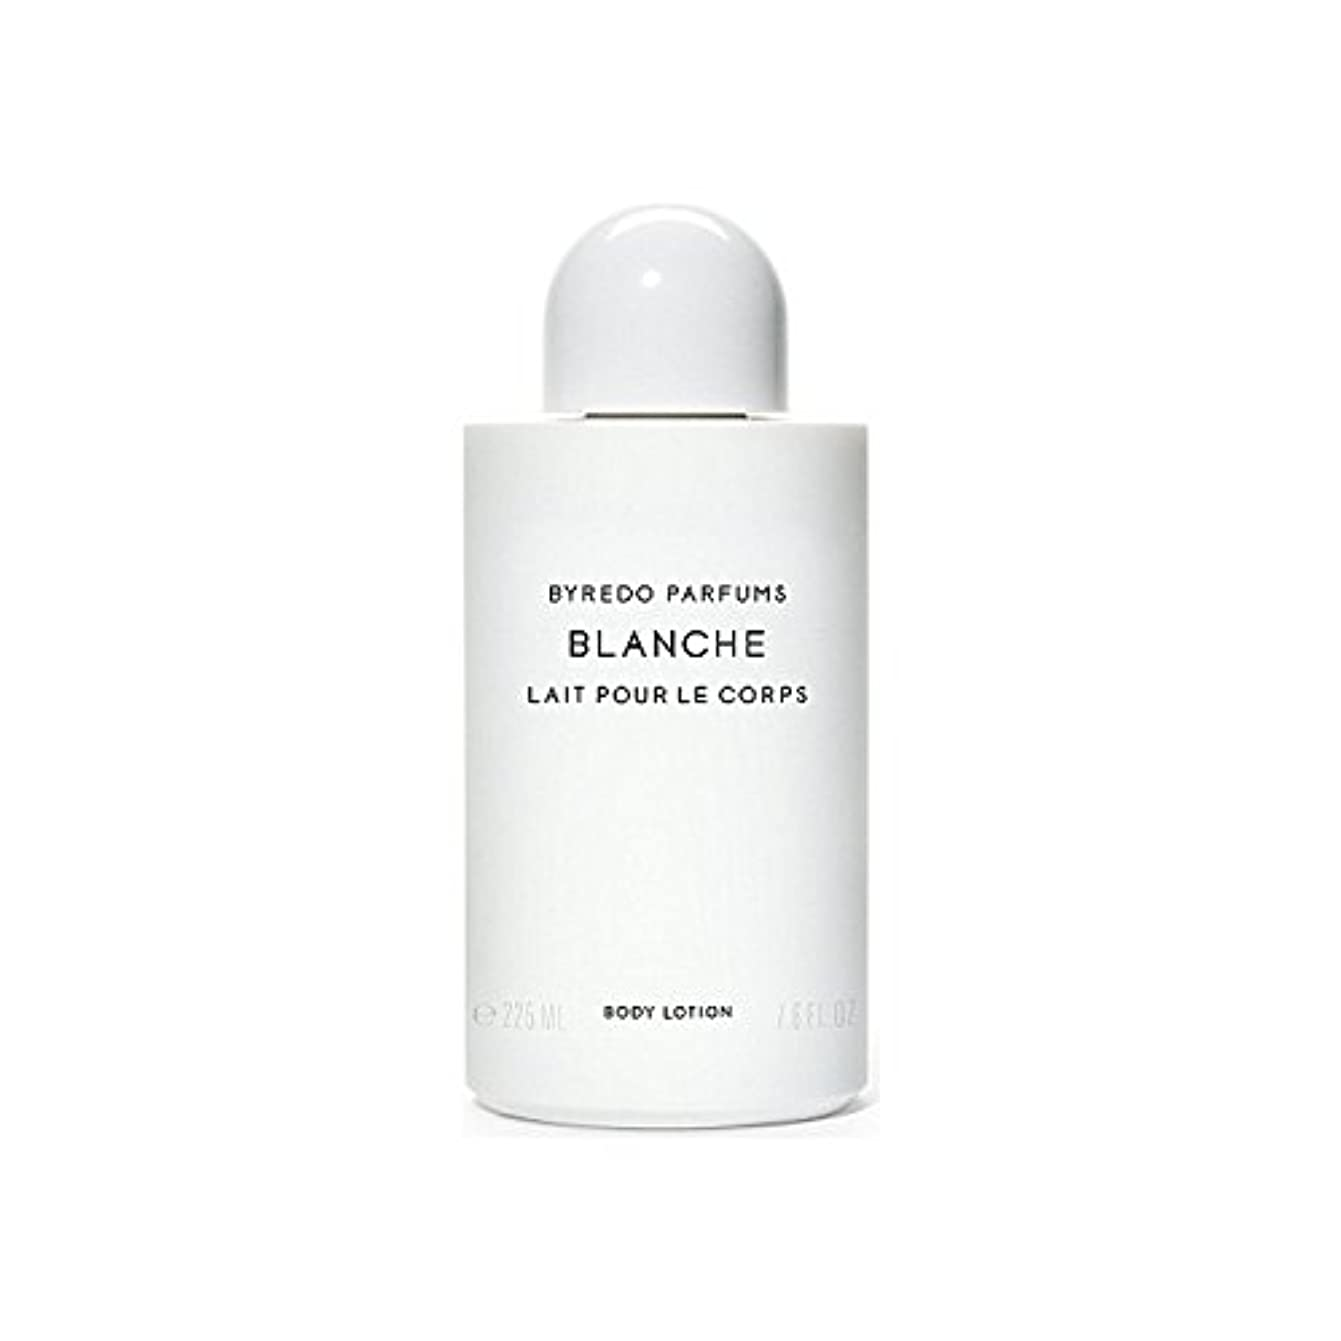 傾向ずんぐりした不当ブランシュボディローション225ミリリットル x2 - Byredo Blanche Body Lotion 225ml (Pack of 2) [並行輸入品]